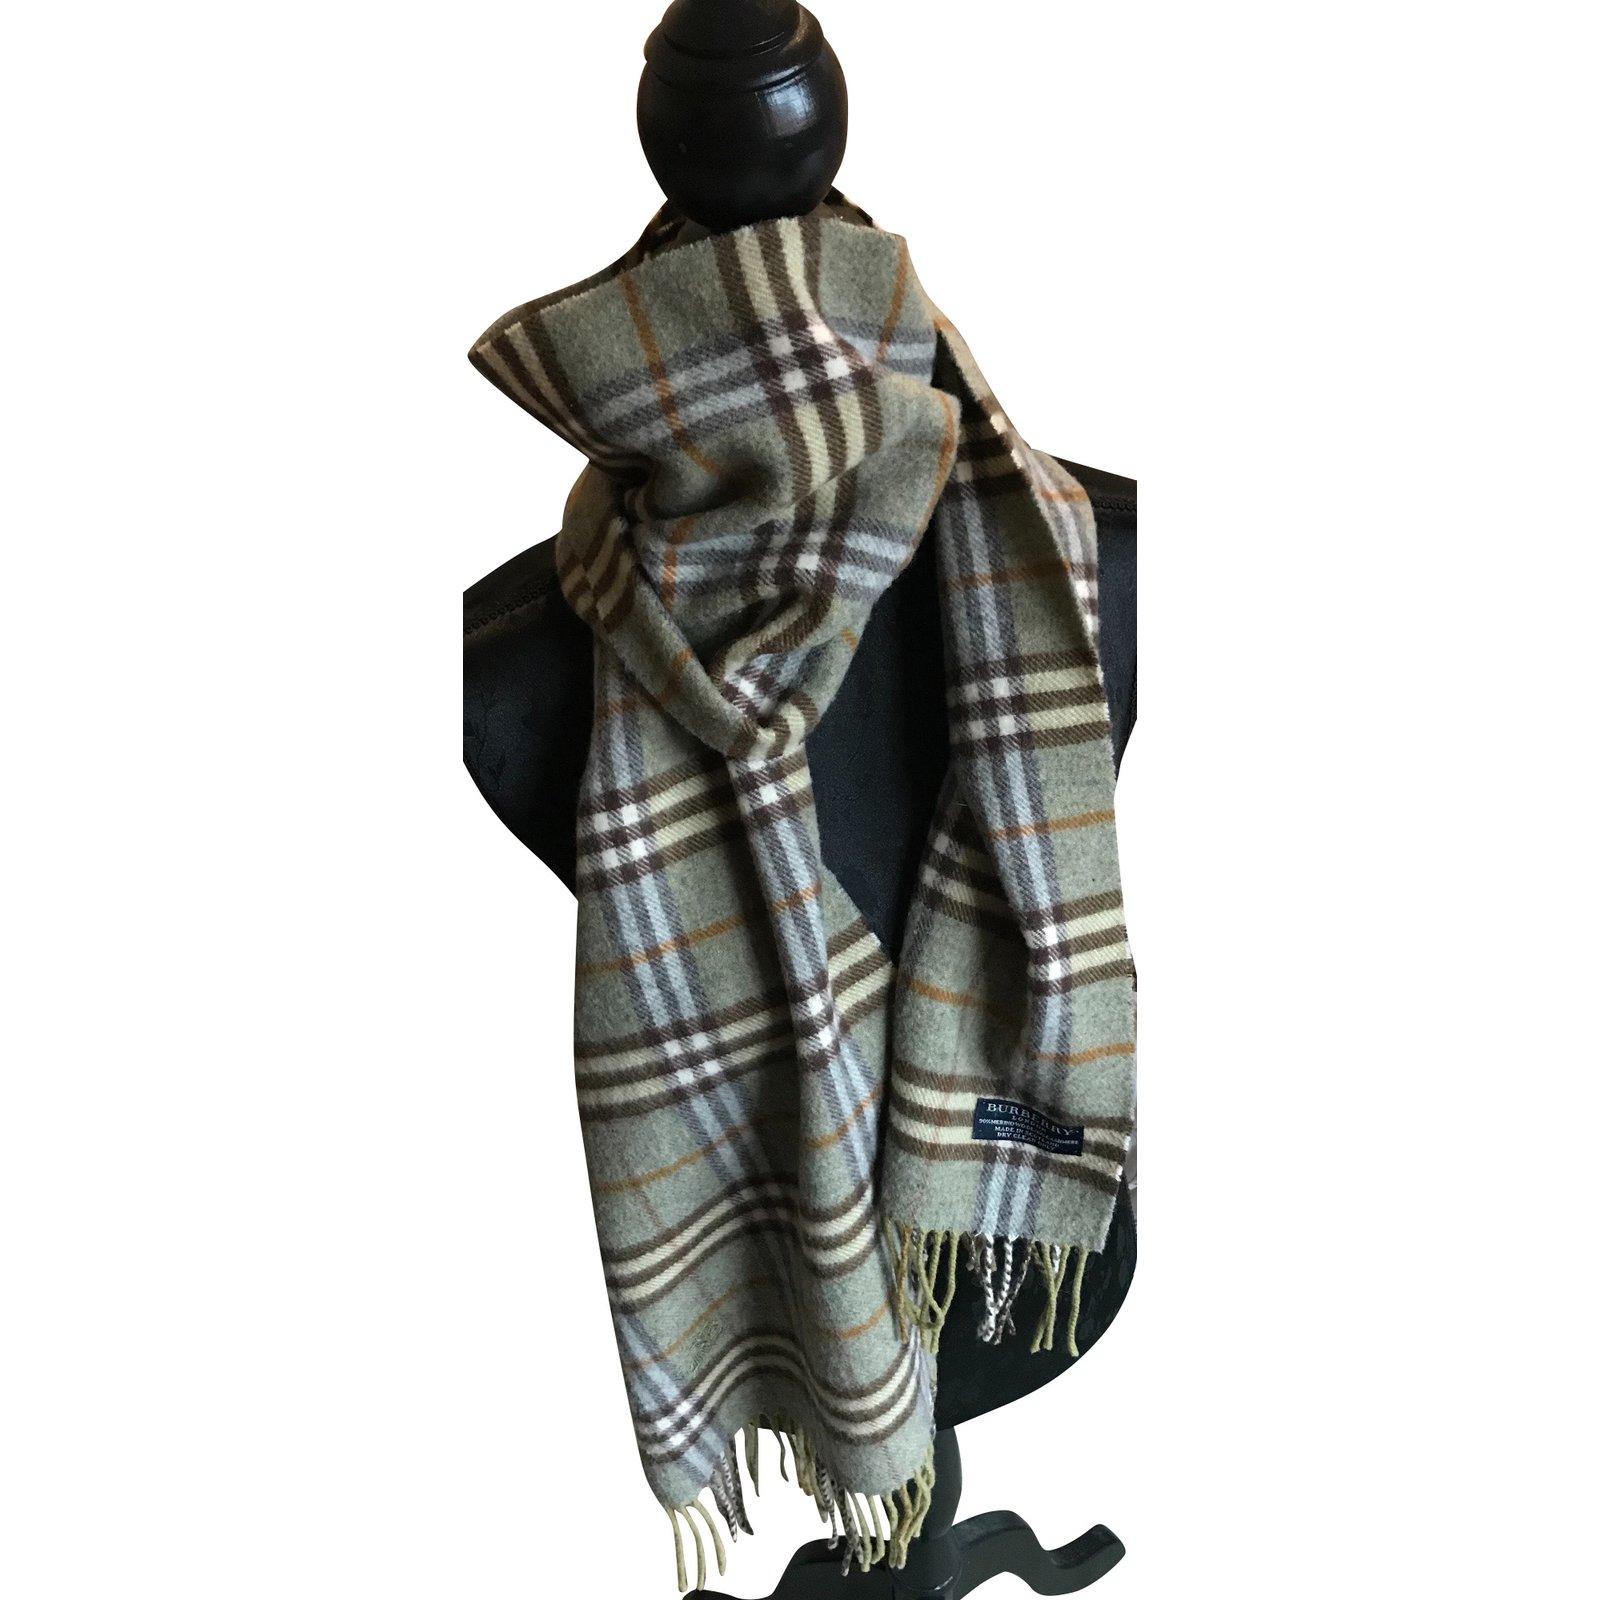 Foulards Burberry Superbe écharpe laine et cachemire Cachemire,Laine  Gris,Vert clair ref.92879 - Joli Closet 1e2c7788a1b